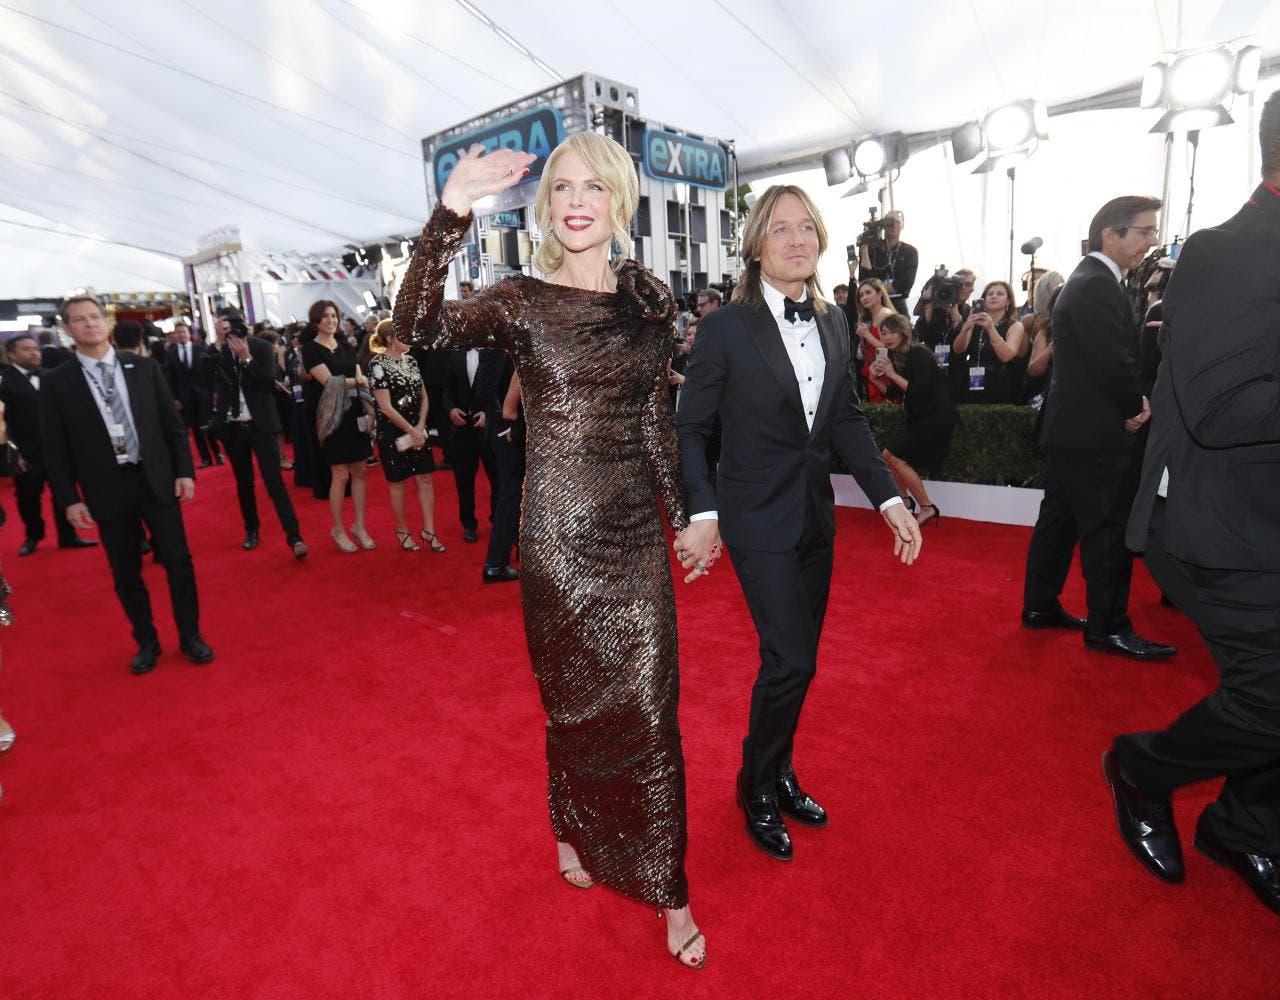 النجمة نيكول كيدمان تصل إلى الحفل برفقة زوجها كايث أوربن